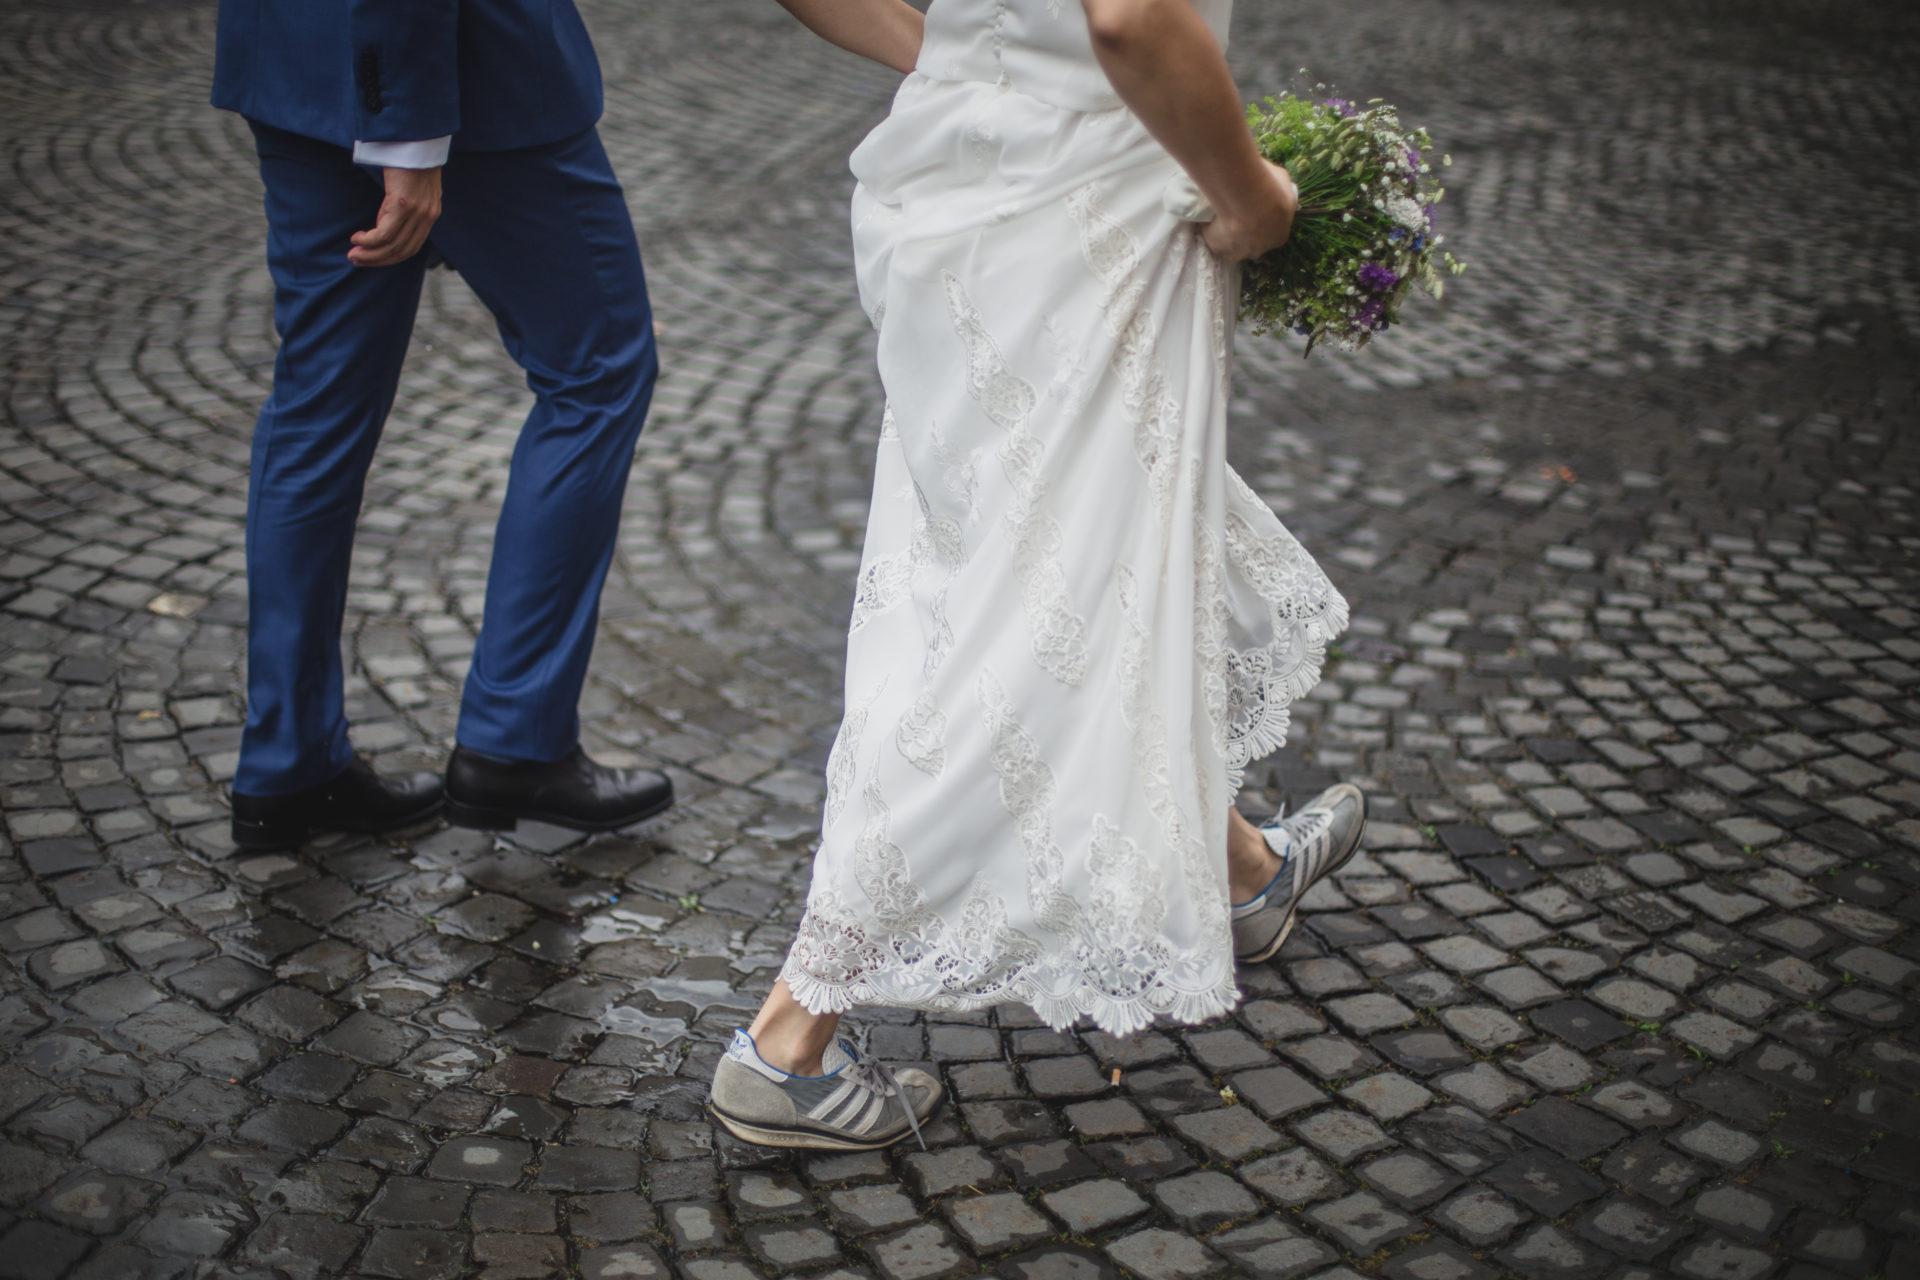 Hochzeitsfotografie_Weddings_2888_Carolin-Weinkopf